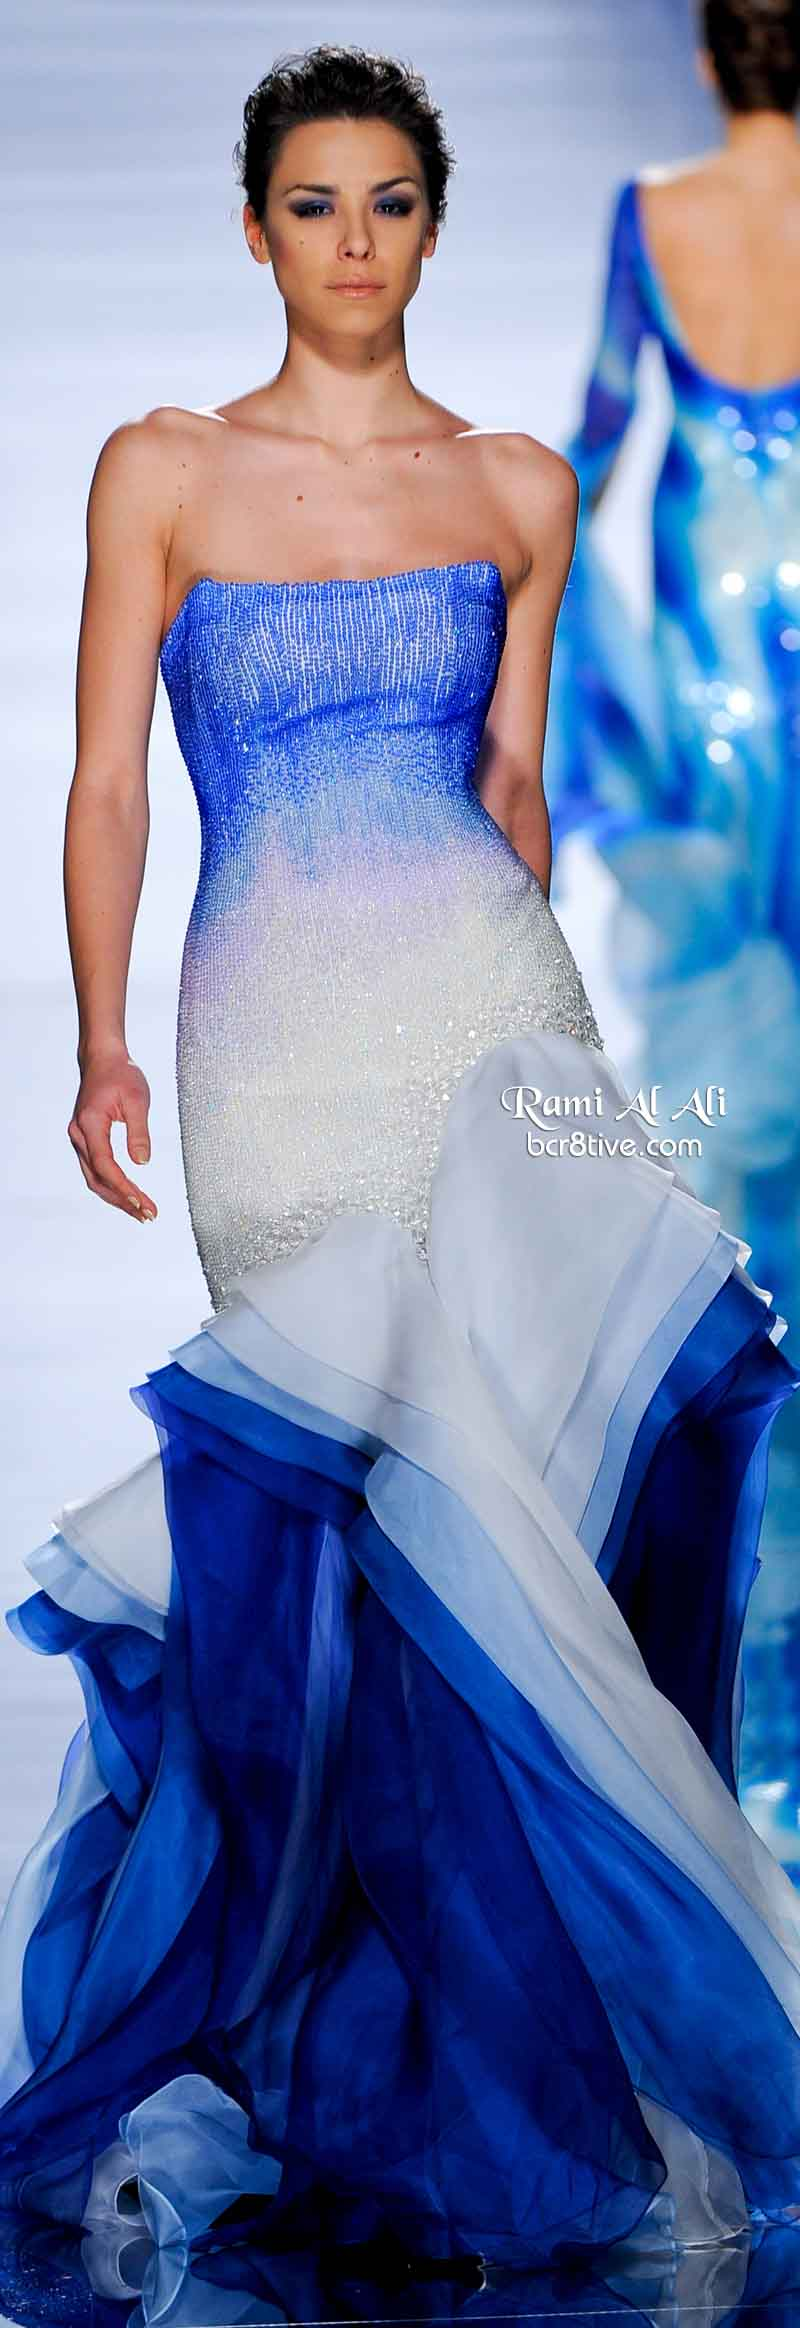 Rami Al Ali Spring 2011 Couture